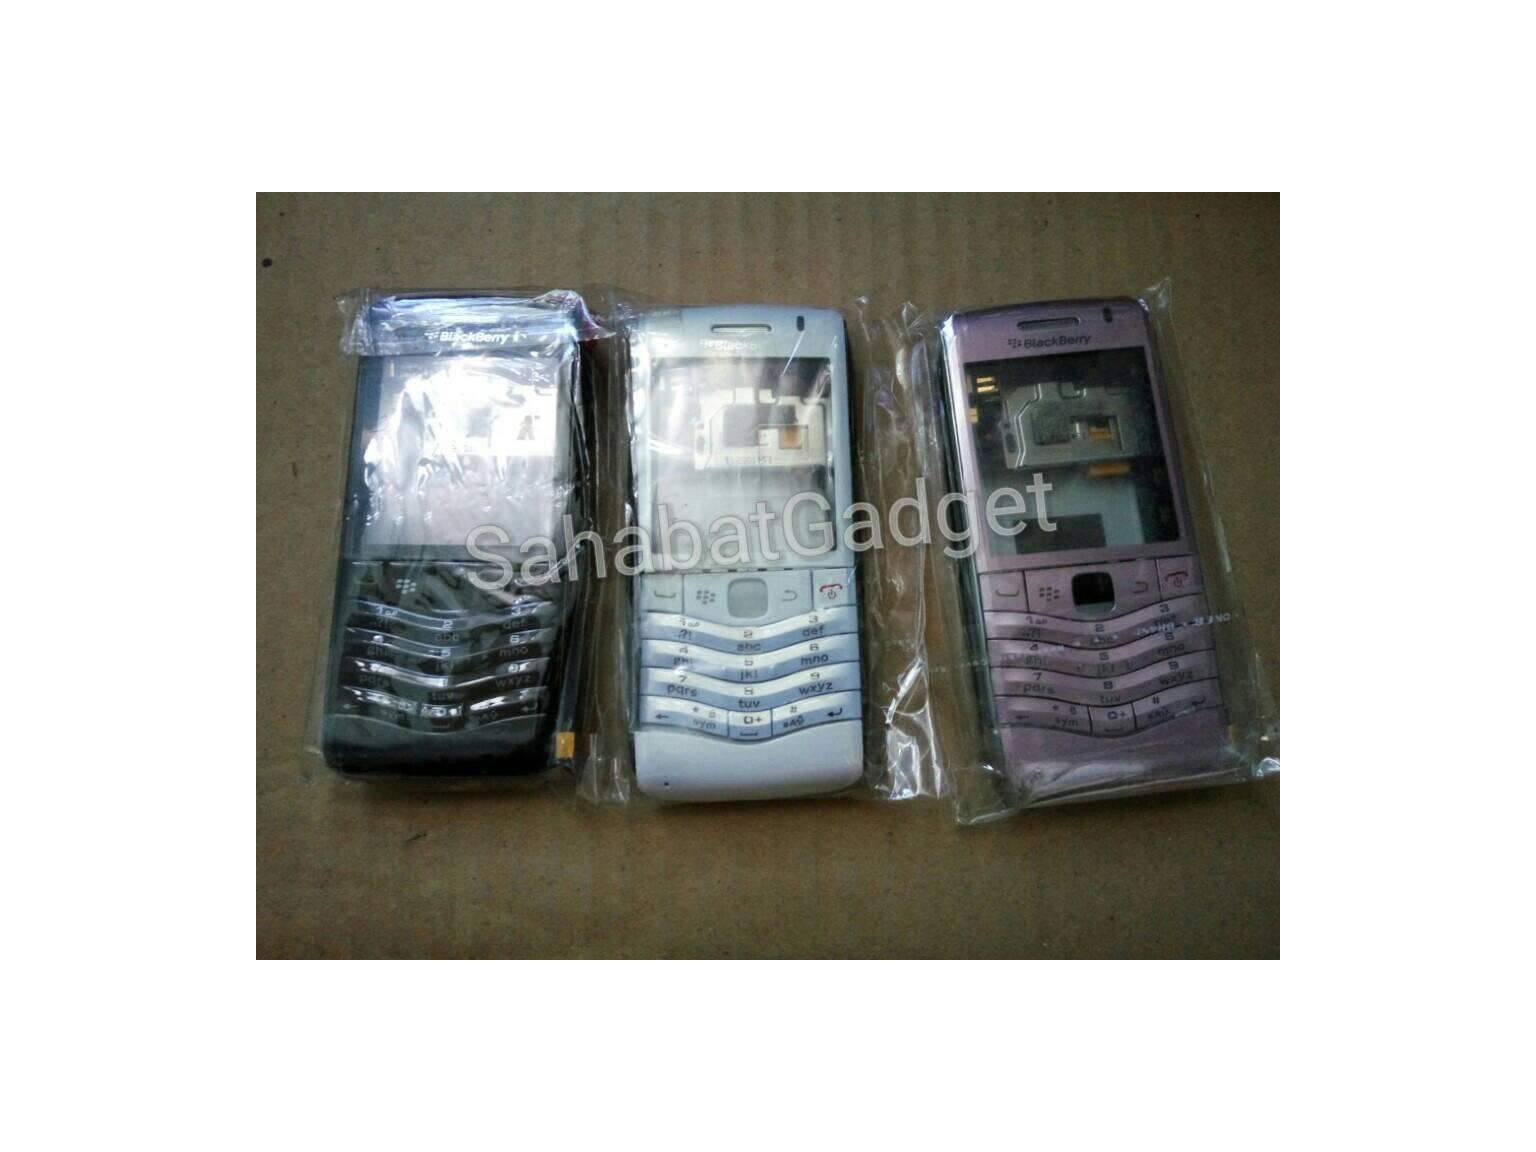 CASING BLACKBERRY PEARL 3G 9105 FULLSET